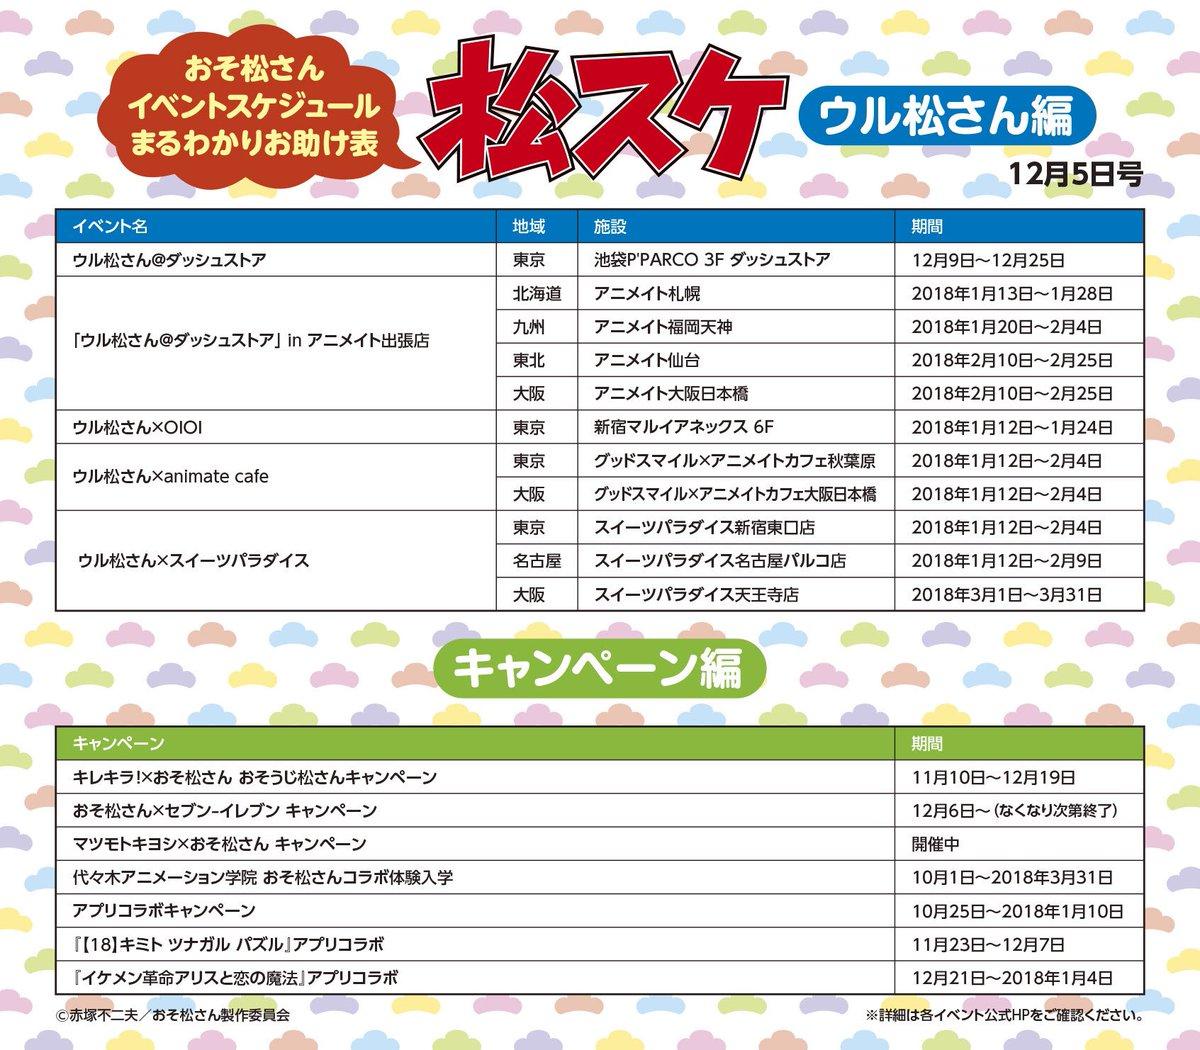 「おそ松さん」のイベントスケジュールがまるわかり!『松スケ』を公開しました♪  #おそ松さん ※各イ…